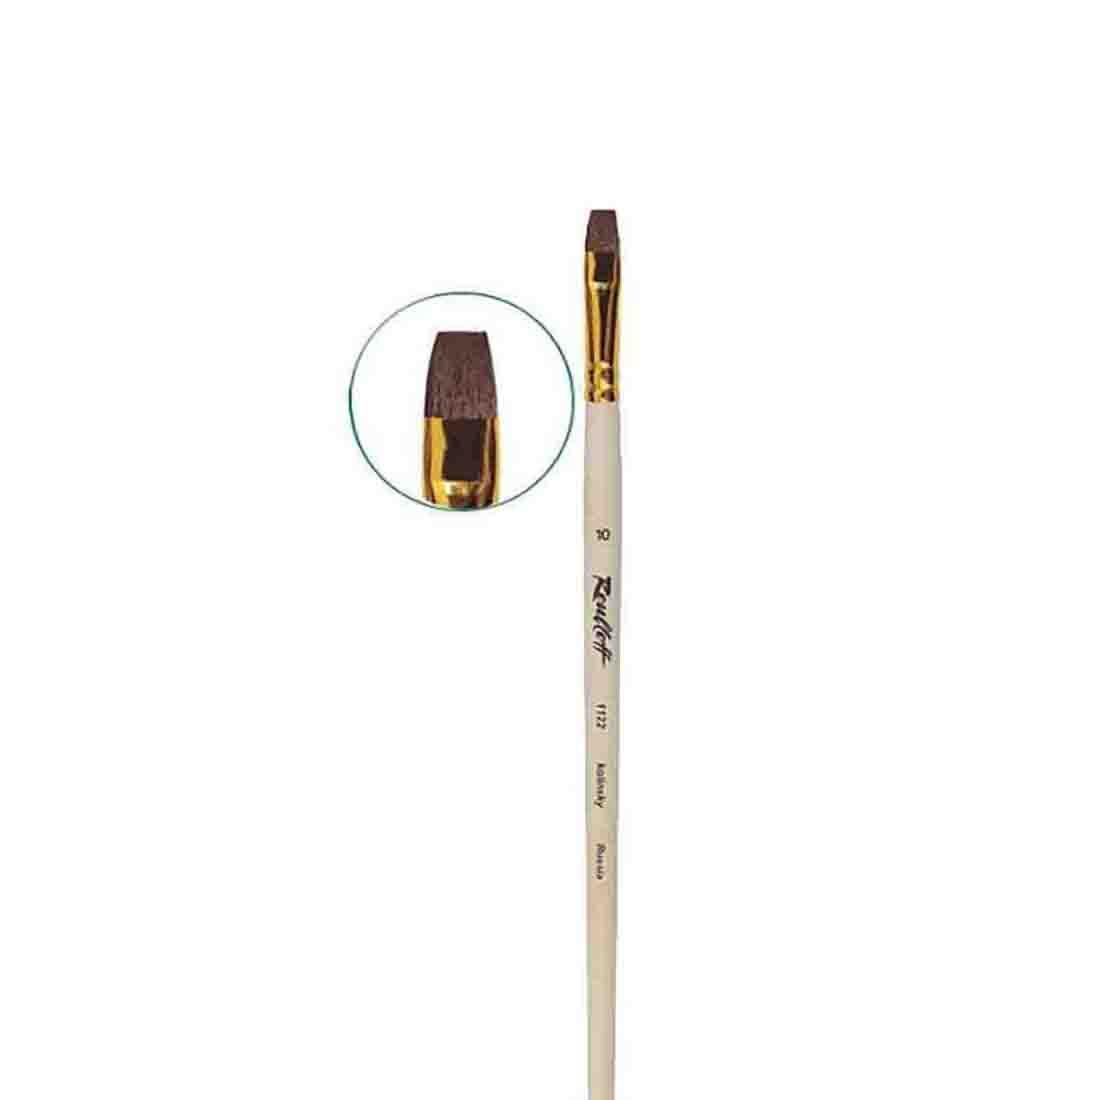 Купить Кисть колонок №10 плоская Roubloff 1122 длинная ручка п/лак, Россия